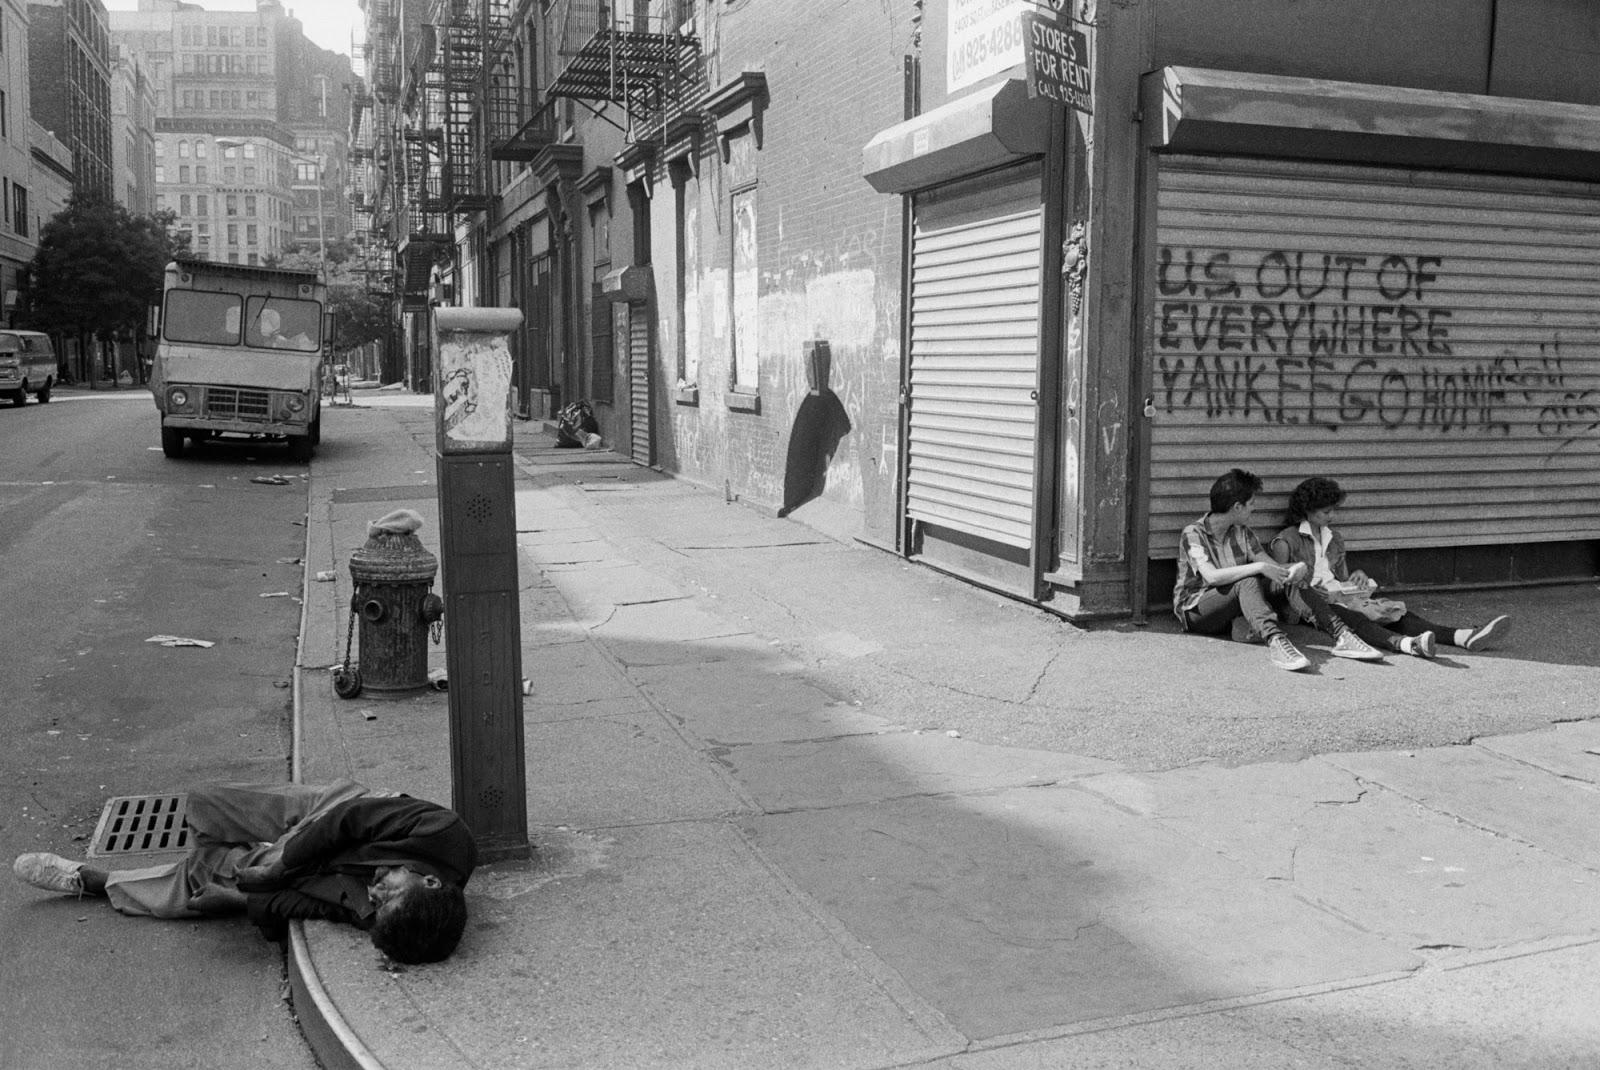 Бомжи, проповедники и проститутки: улицы Нью-Йорка 70-х Бауэри, Элизабетстрит, Бликерстрит, 1973Район, Манхэттен, 1970Пересечение, именно, 1976Крайстистрит, 6стрит, 1980Пересечение, метроD, 1970Ветка, 1980Мидтаун, 1973Пересечение, 1975Даунтаун, 1981Делансистрит, Граздародился, фогографии, самых, 1976Мидтаун